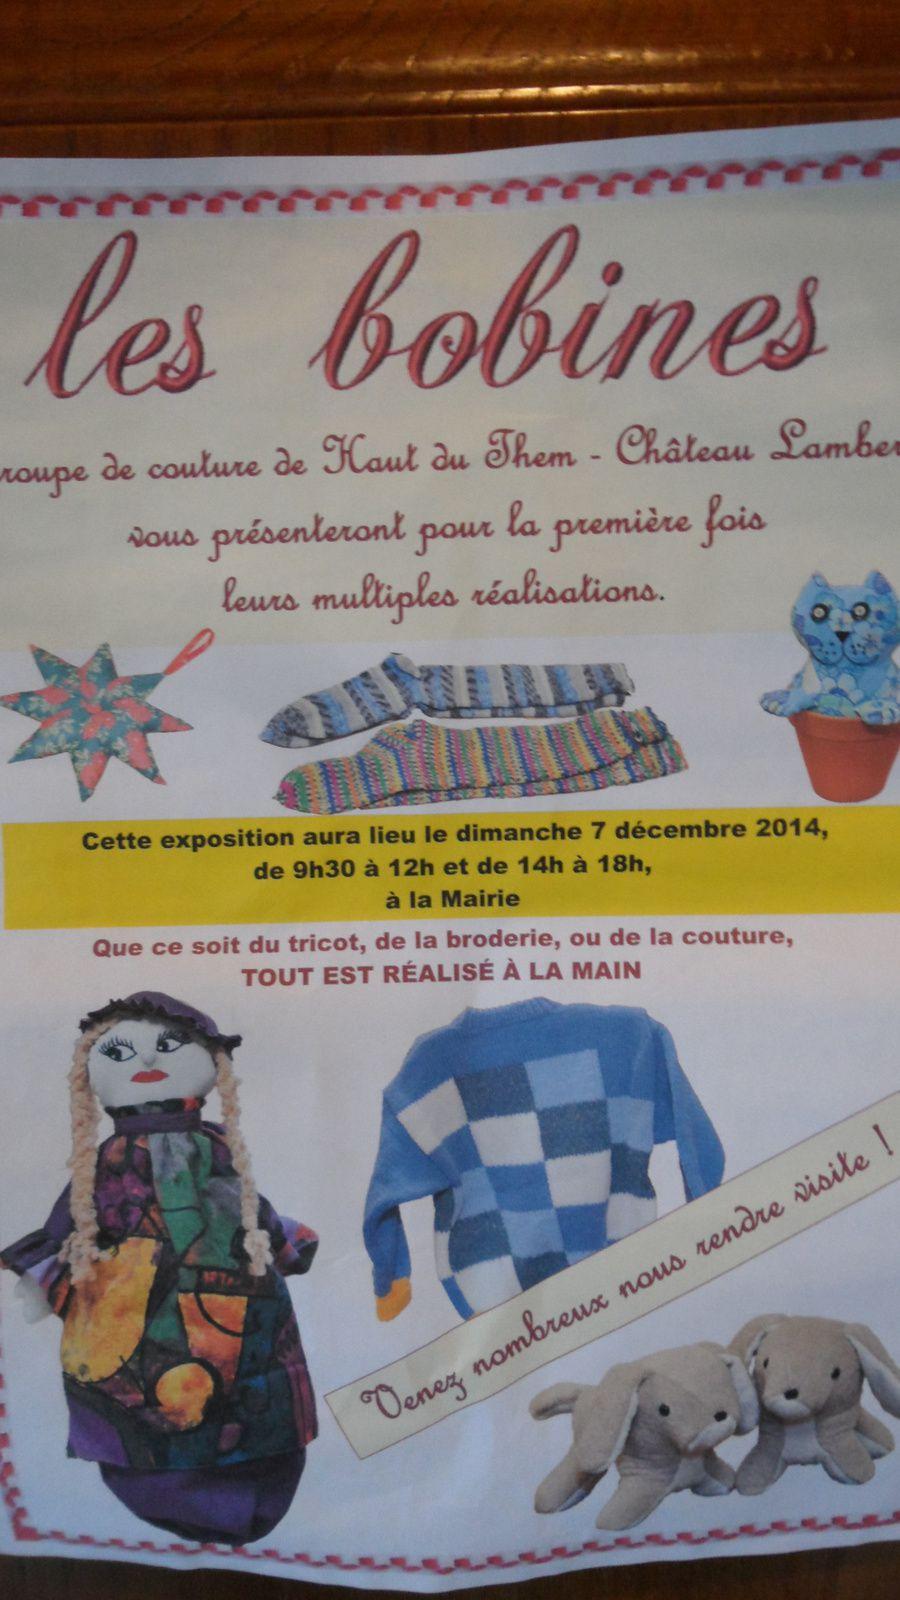 Exposition culturelle à Haut Du Them Chateau-Lambert